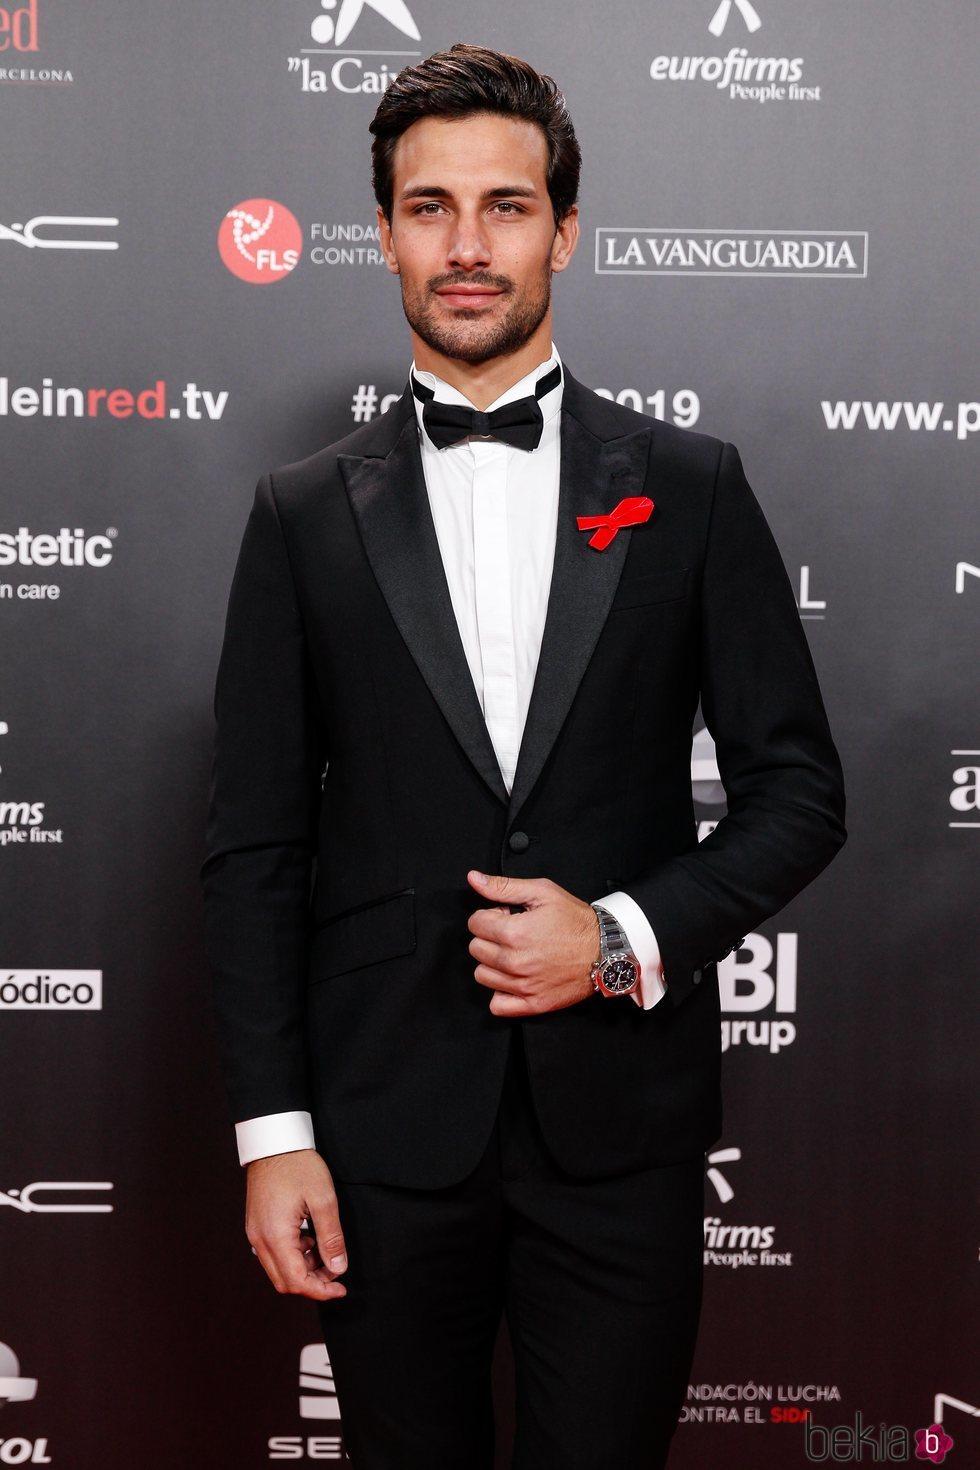 Jaime Astrain en la gala People in Red 2019